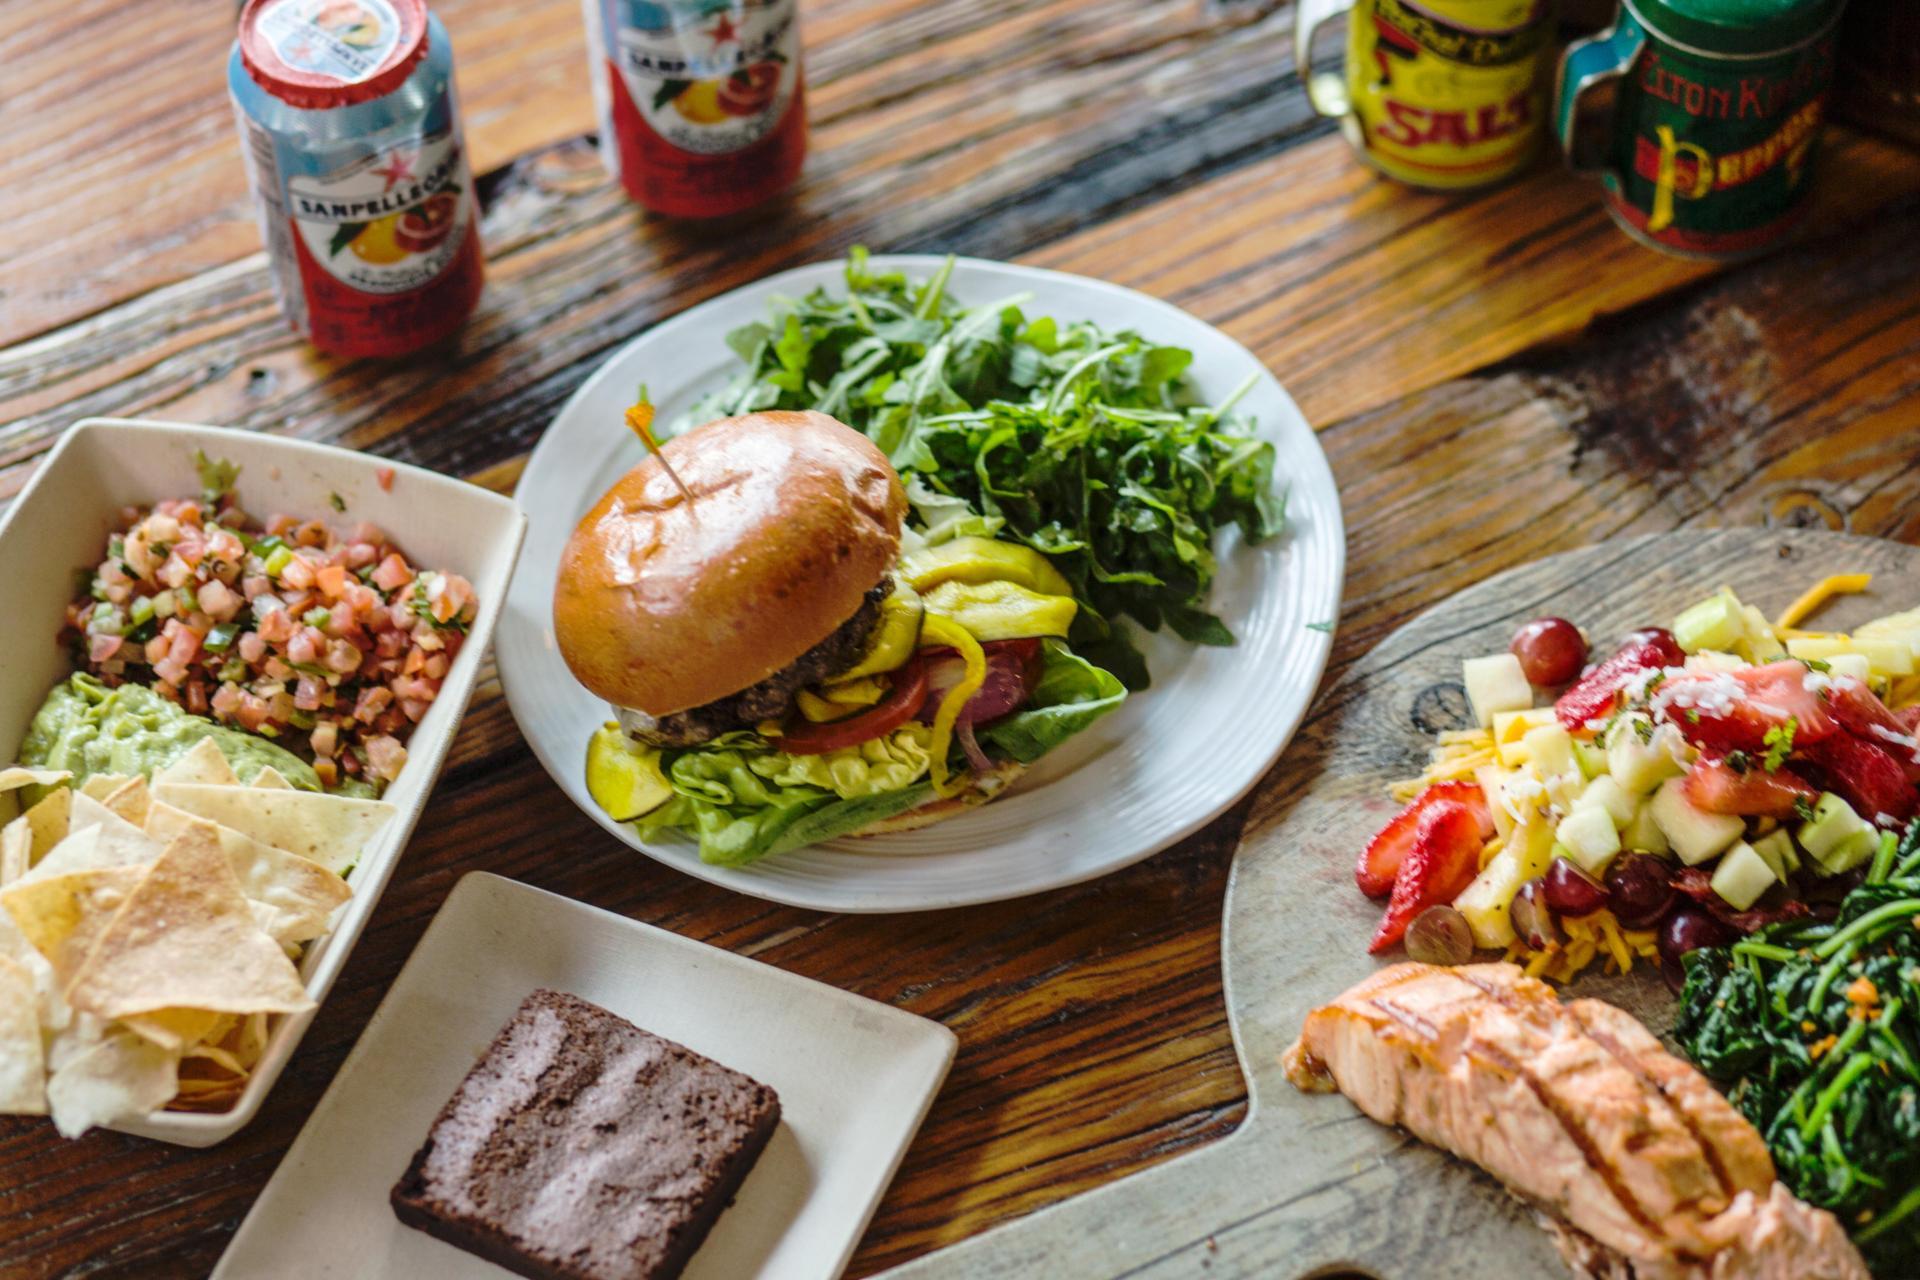 Greenleaf Gourmet Chopshop – Affordable Healthy Food